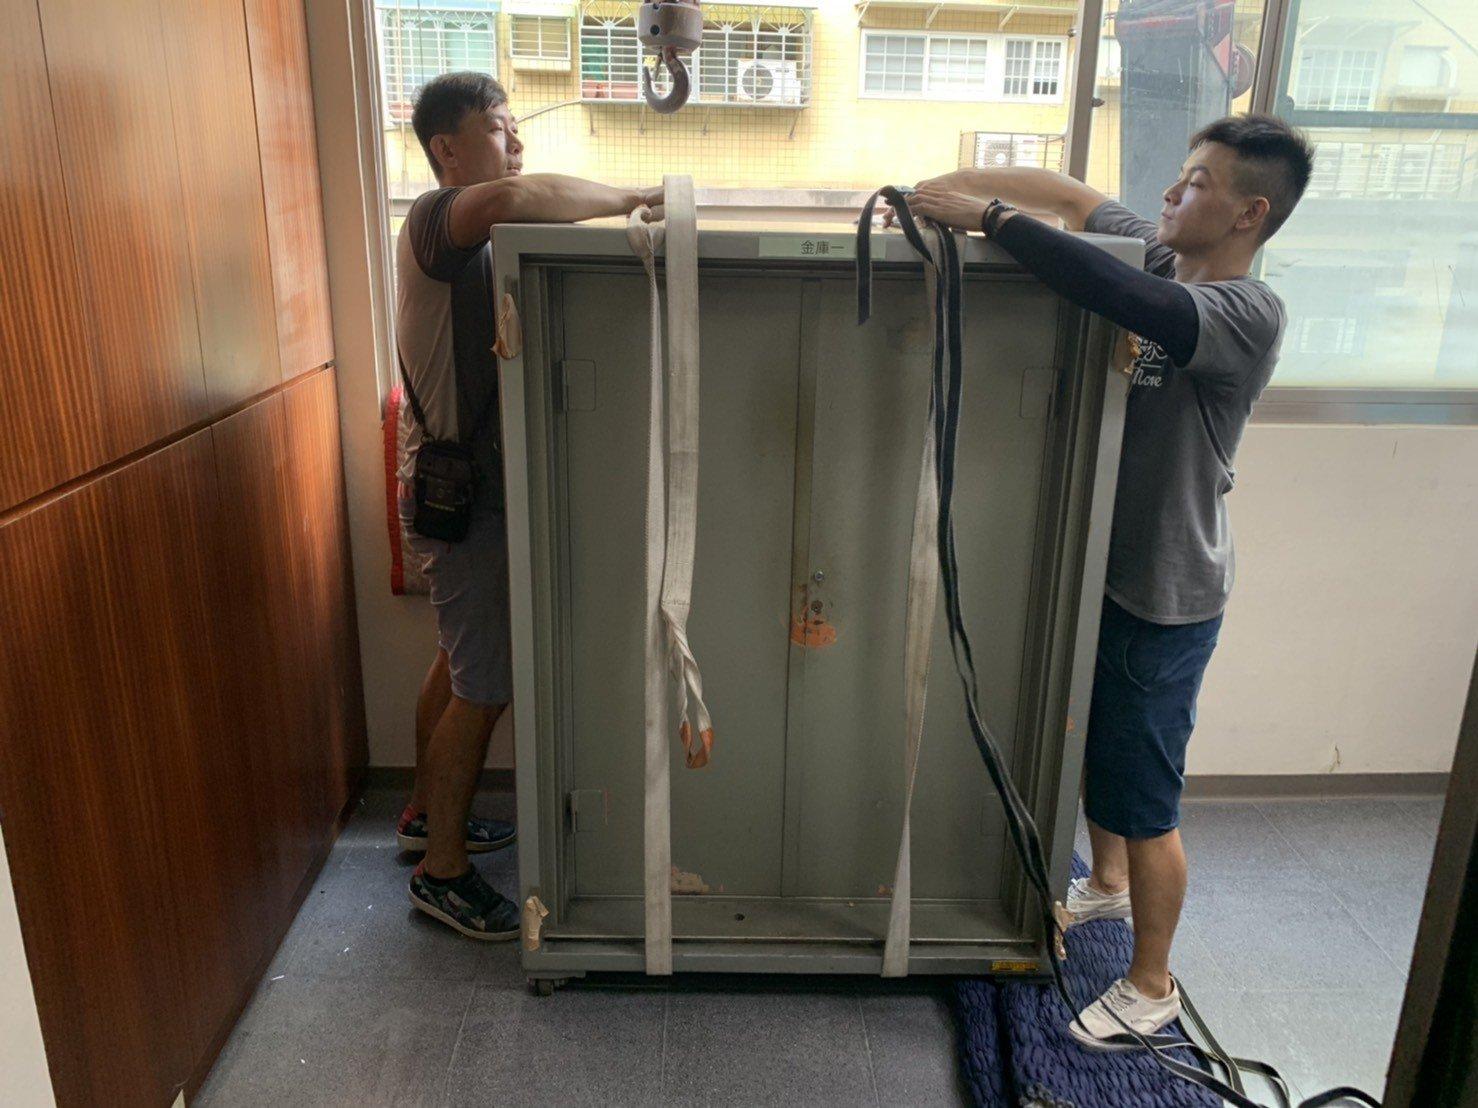 【榮福搬家公司】搬家首選、台北搬家公司推薦:重物搬運服務重達600公斤以上的金庫搬運、保險櫃吊掛搬運,包裝搬運「細膩包裝、專業搬運、用心服務、以客為尊」是榮福搬家公司的宗旨與精神。歡迎立即來電02-2651-2727專人服務。